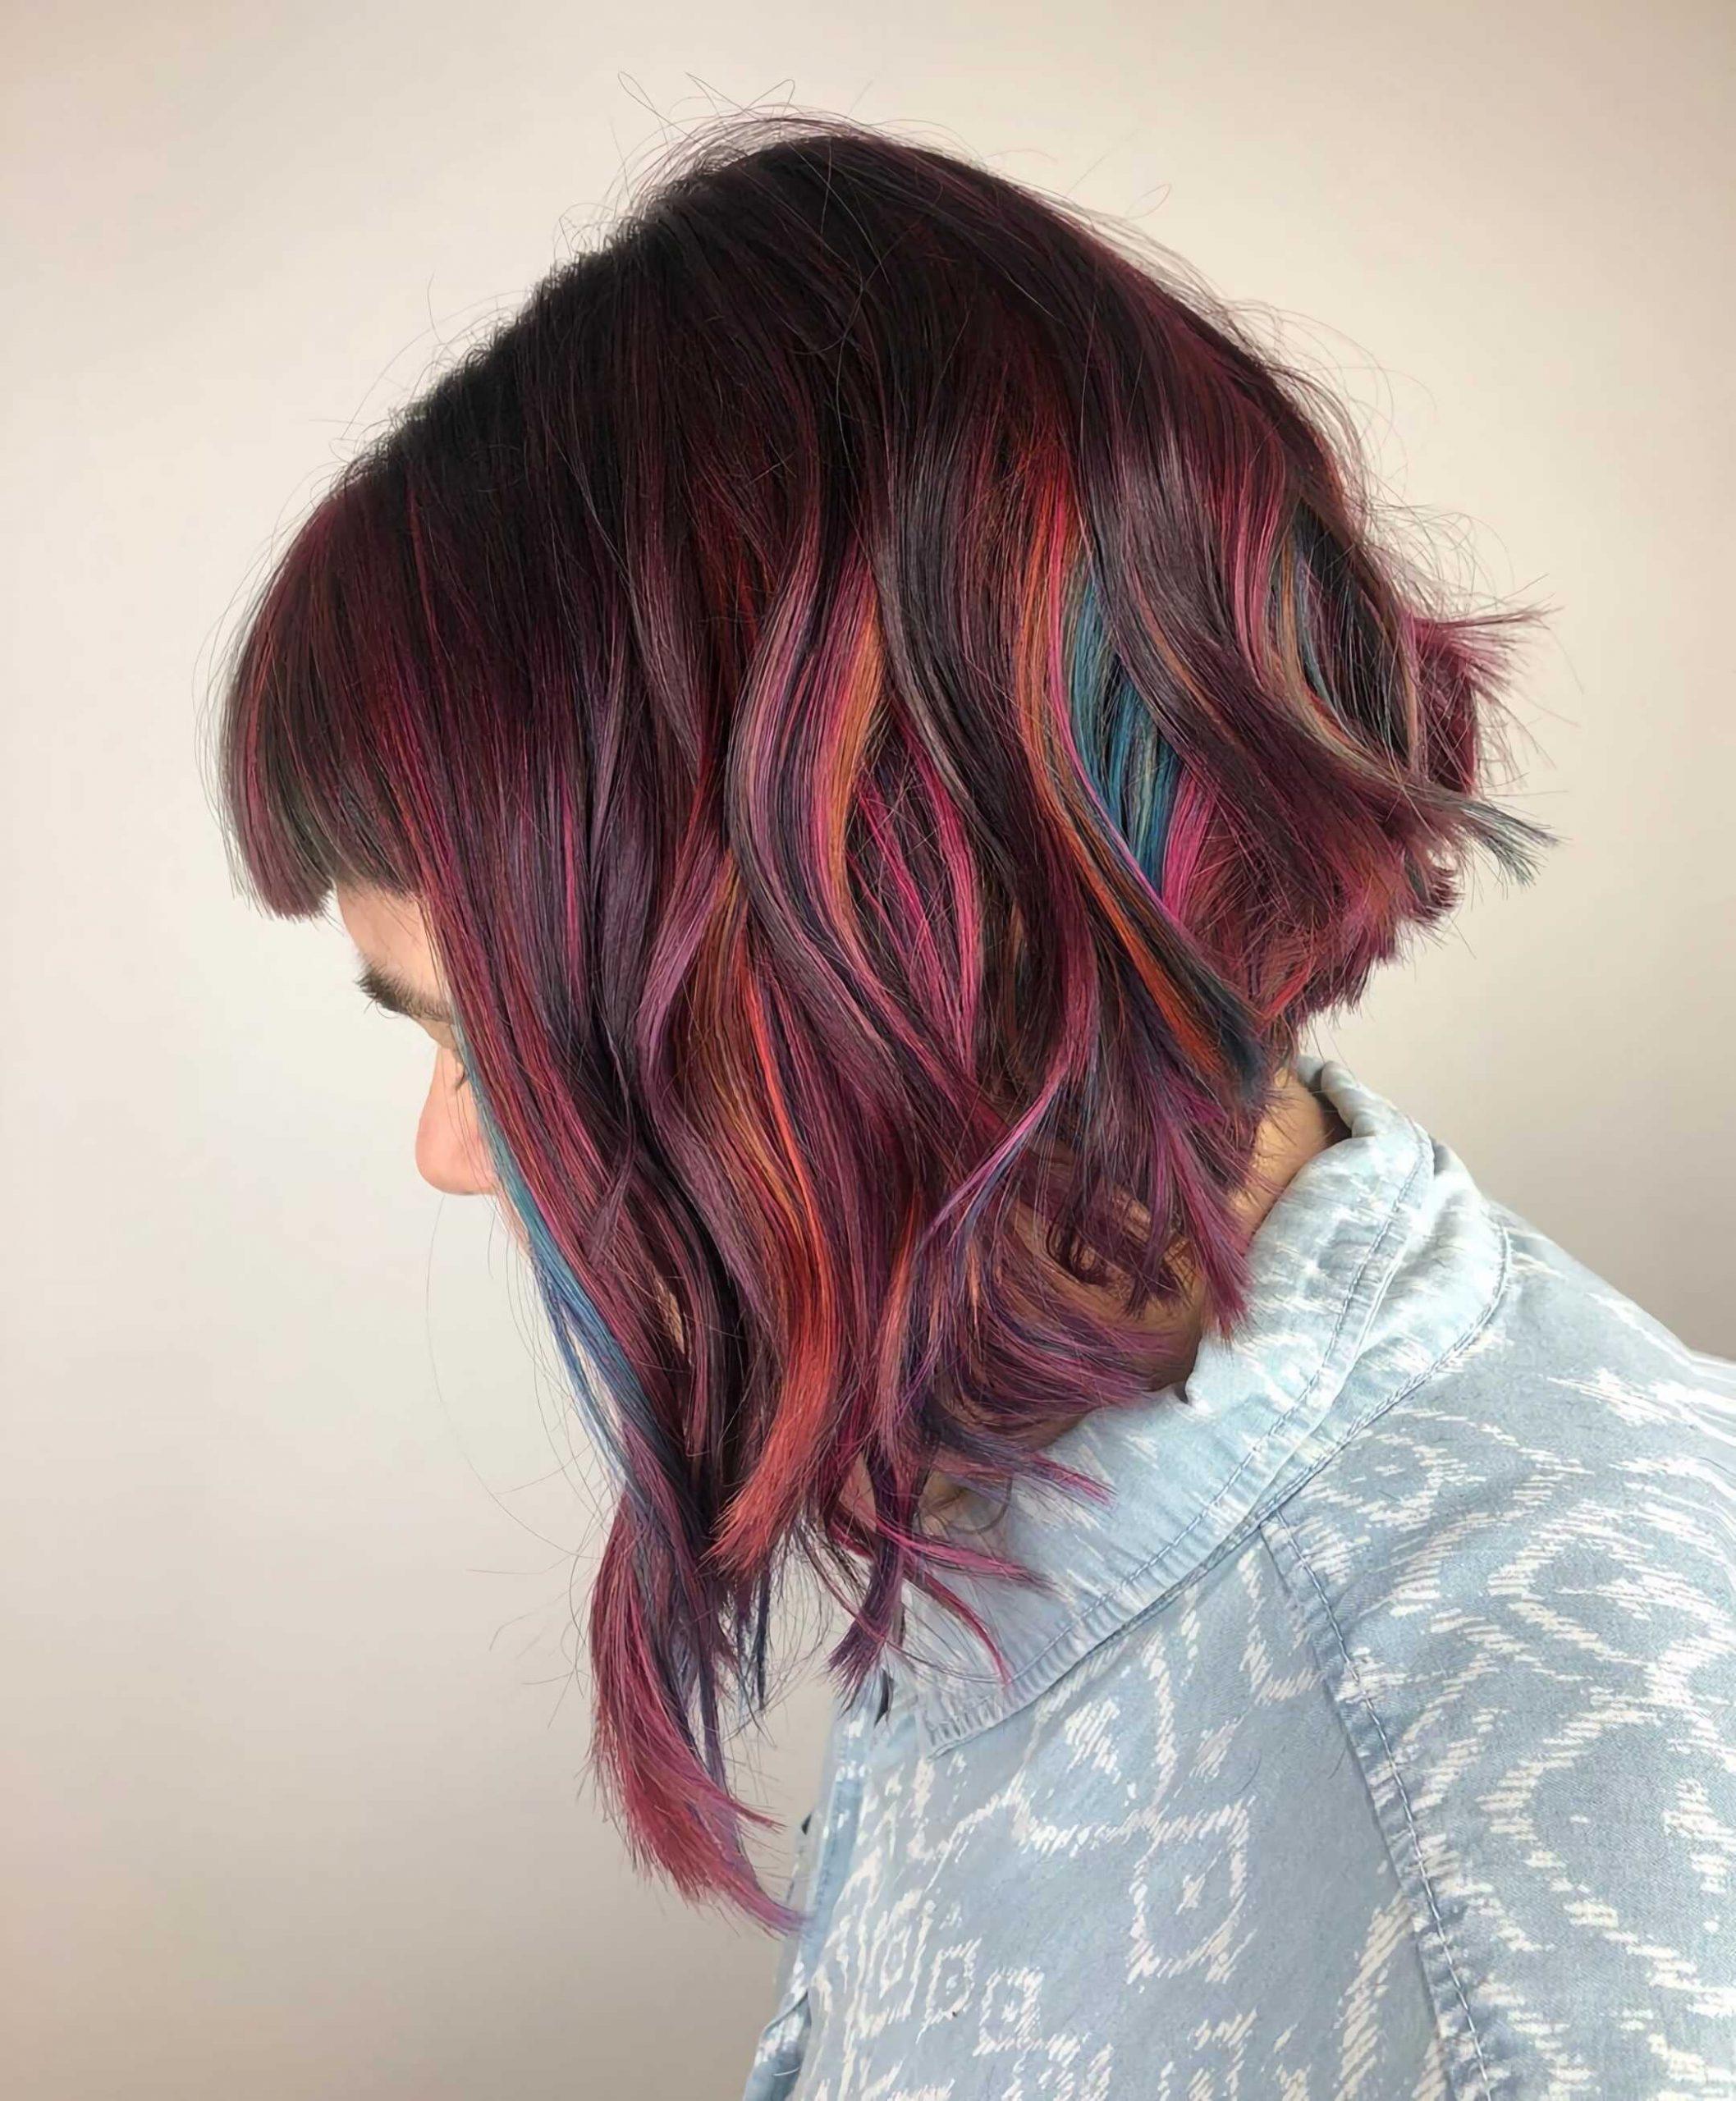 слоистая стрижка боб на разноцветные волосы